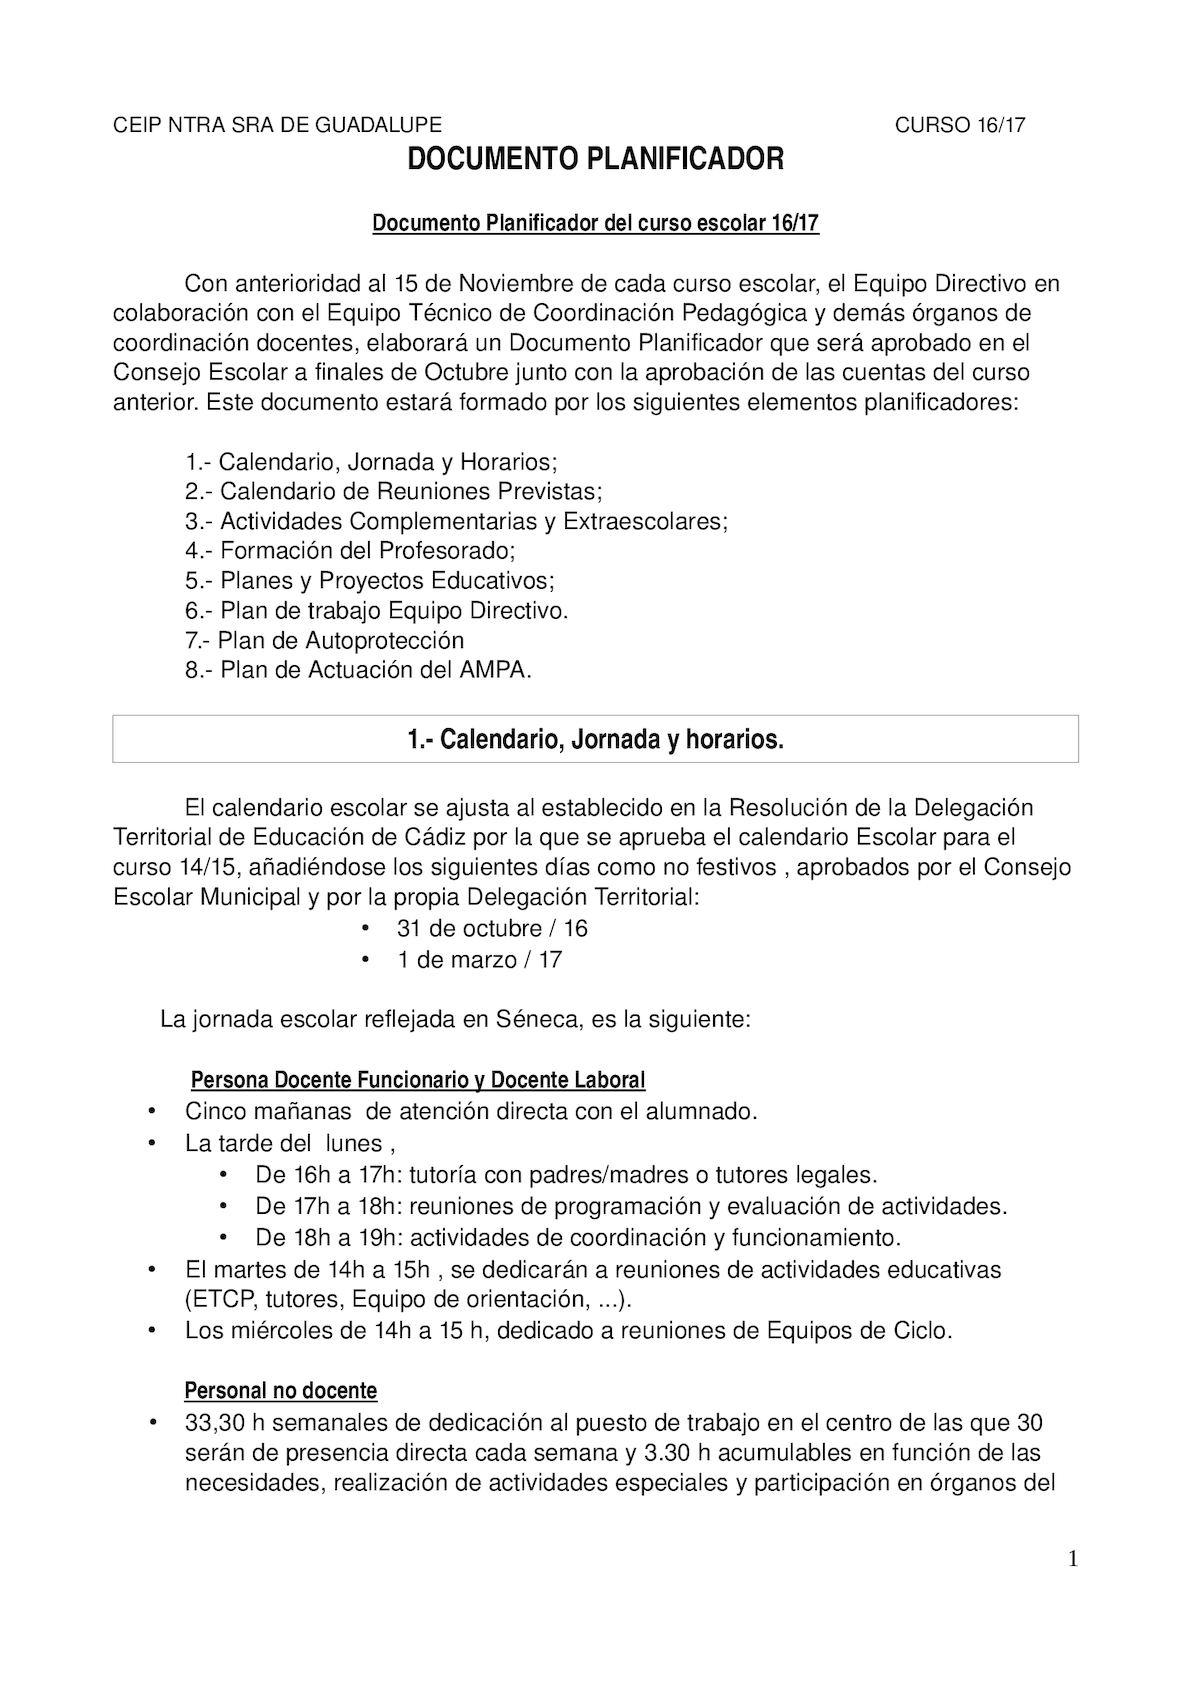 Doc Planificador 1617